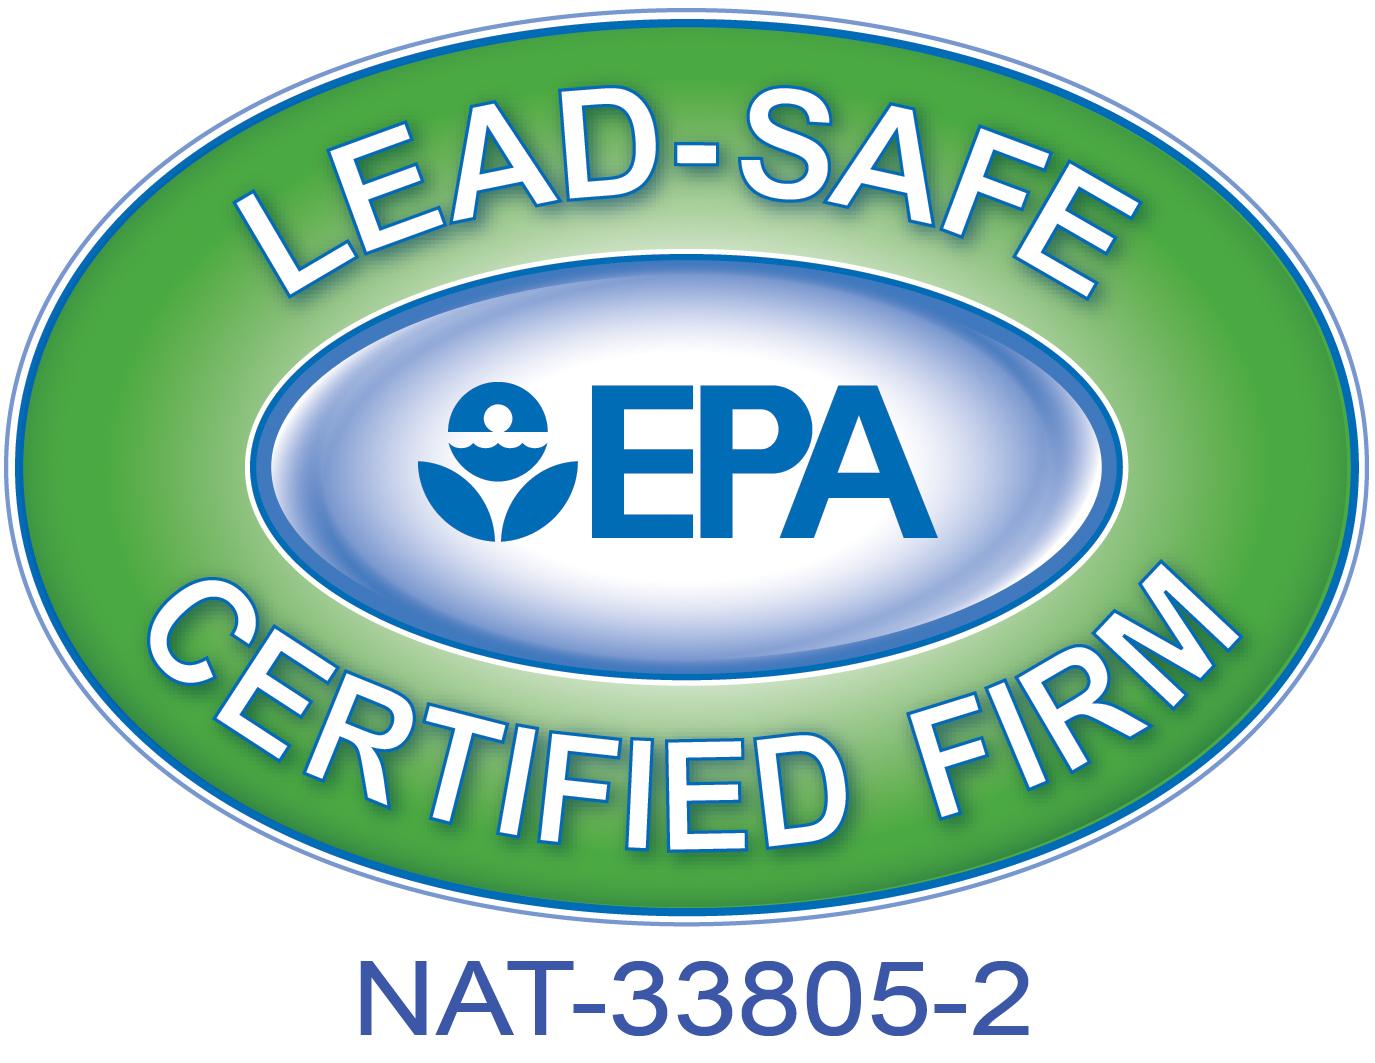 Lead-Safe Certified Firm Logo 2015.jpg